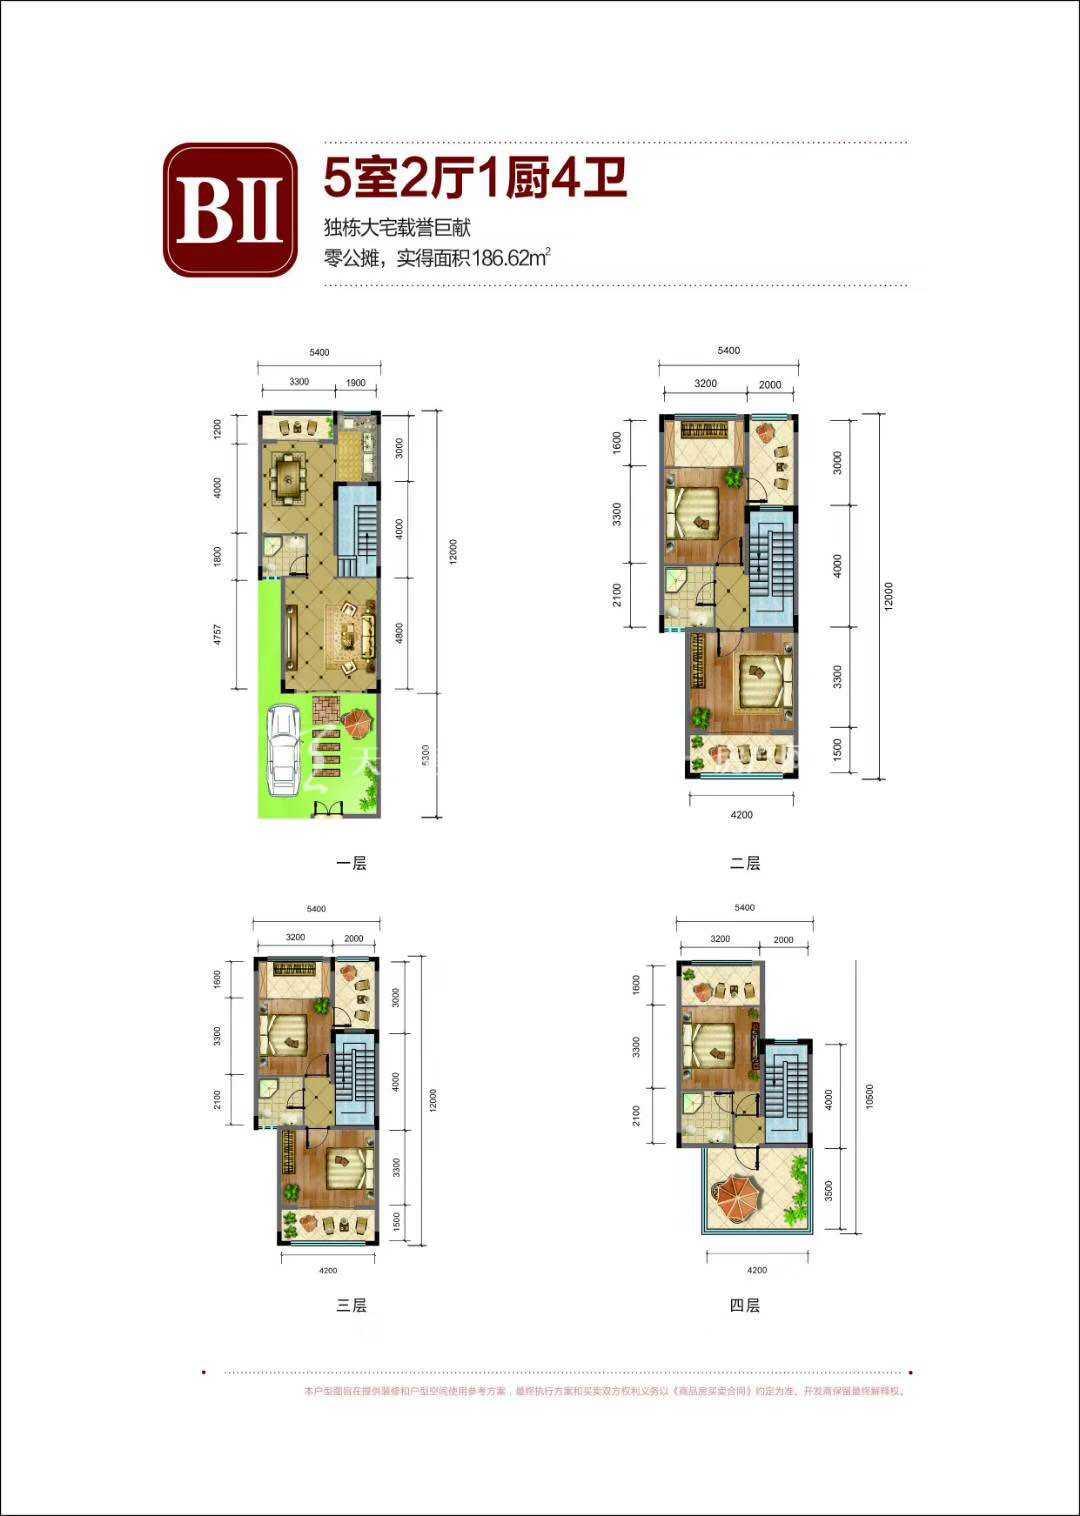 城北世家独栋别墅B2户型5房2厅建筑面积186.62㎡.jpg